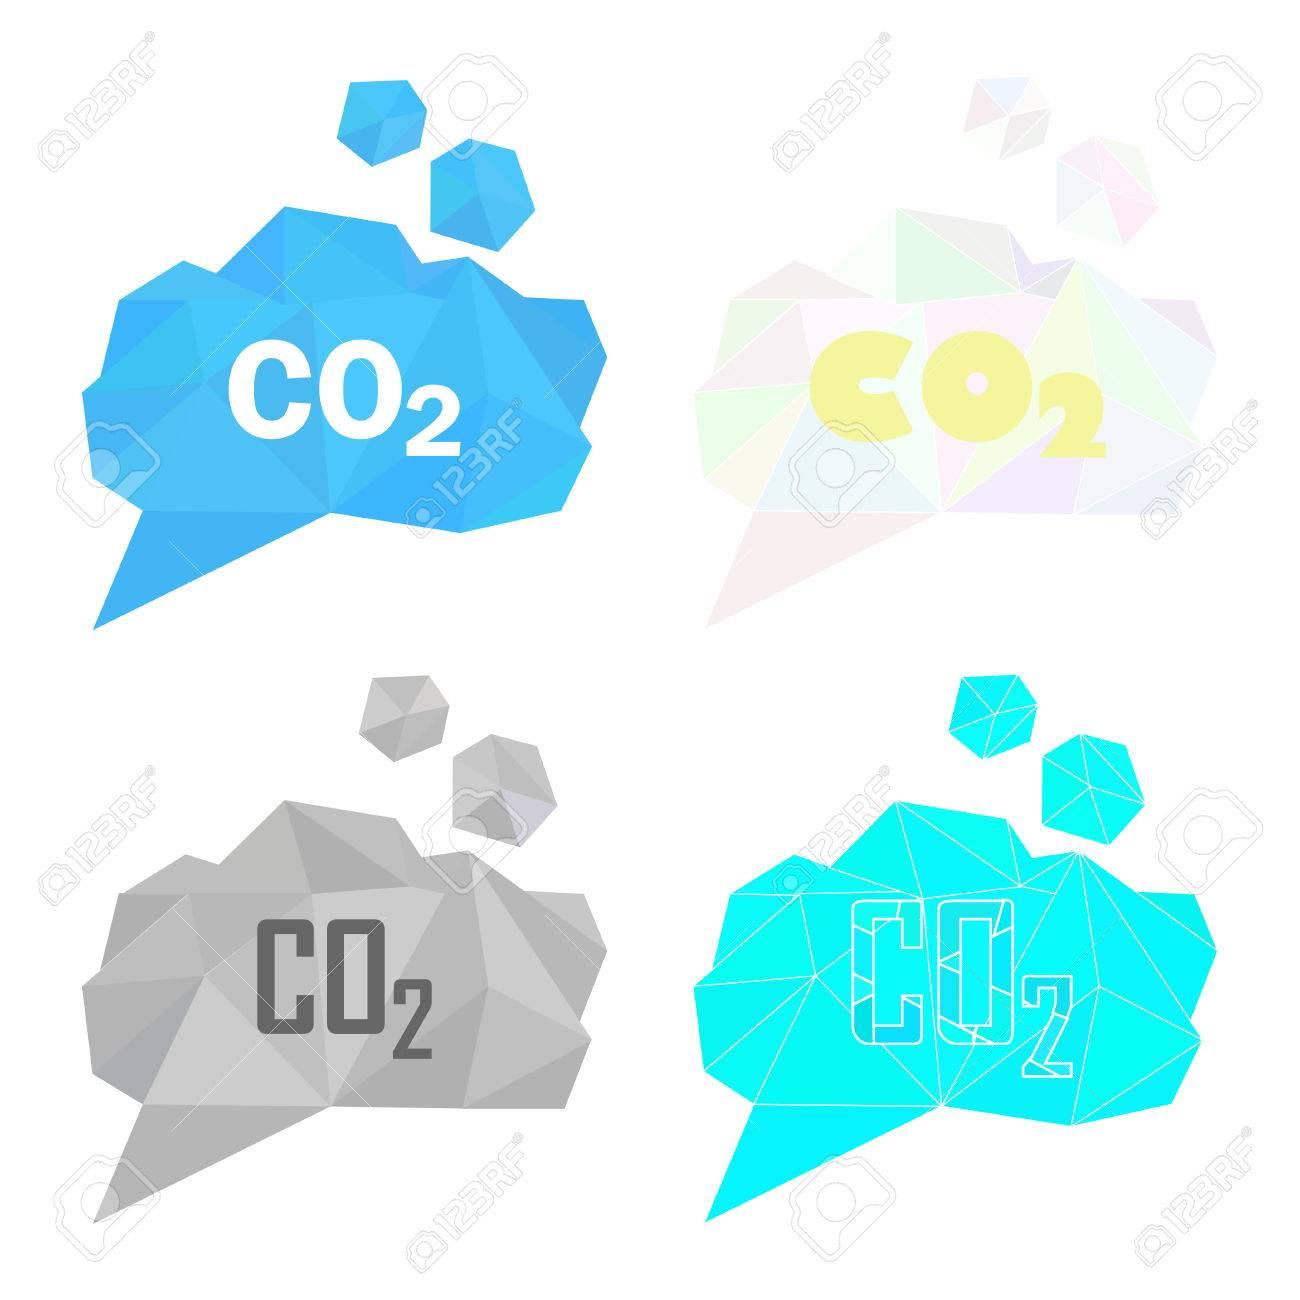 Co2 二酸化炭素ガス イラスト セット大気汚染ガス排出量地球温暖化